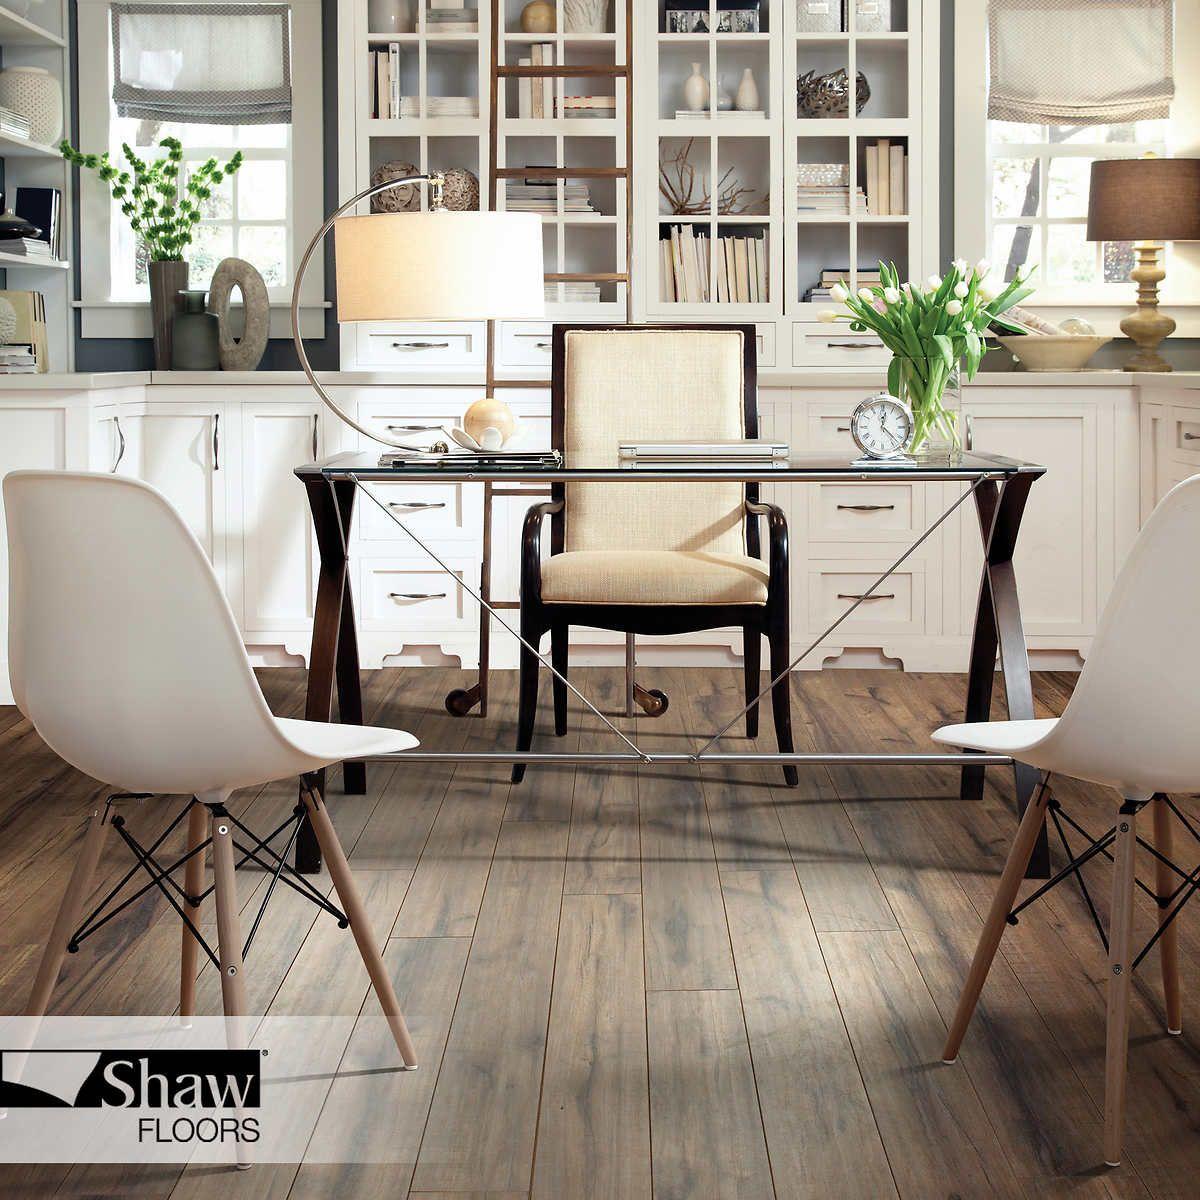 Shaw Carpet, Hardwood & Laminate Flooring Taupe flooring